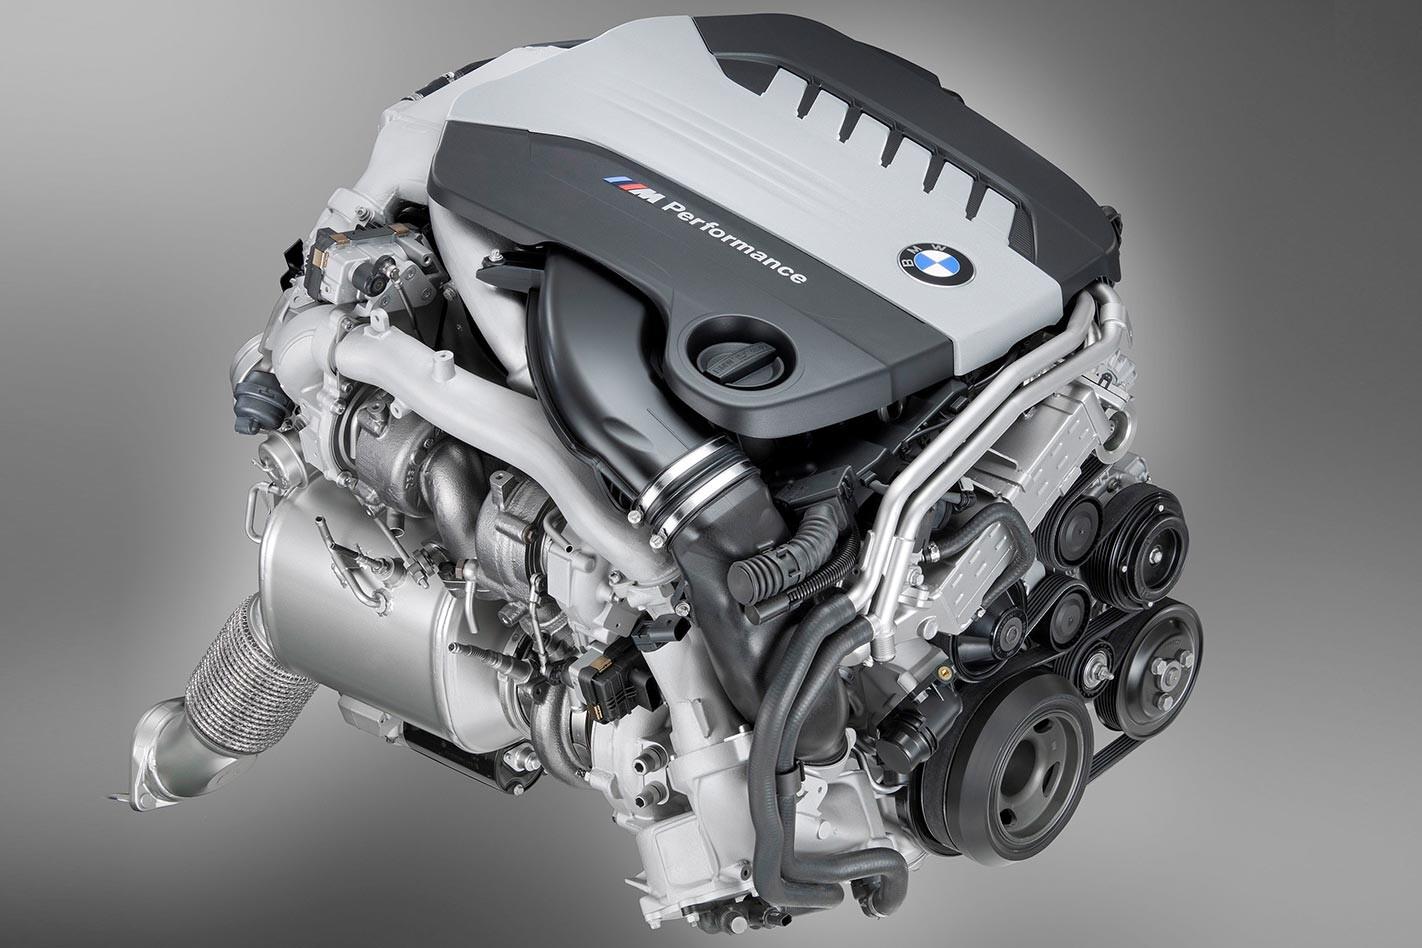 BMW turbo engine